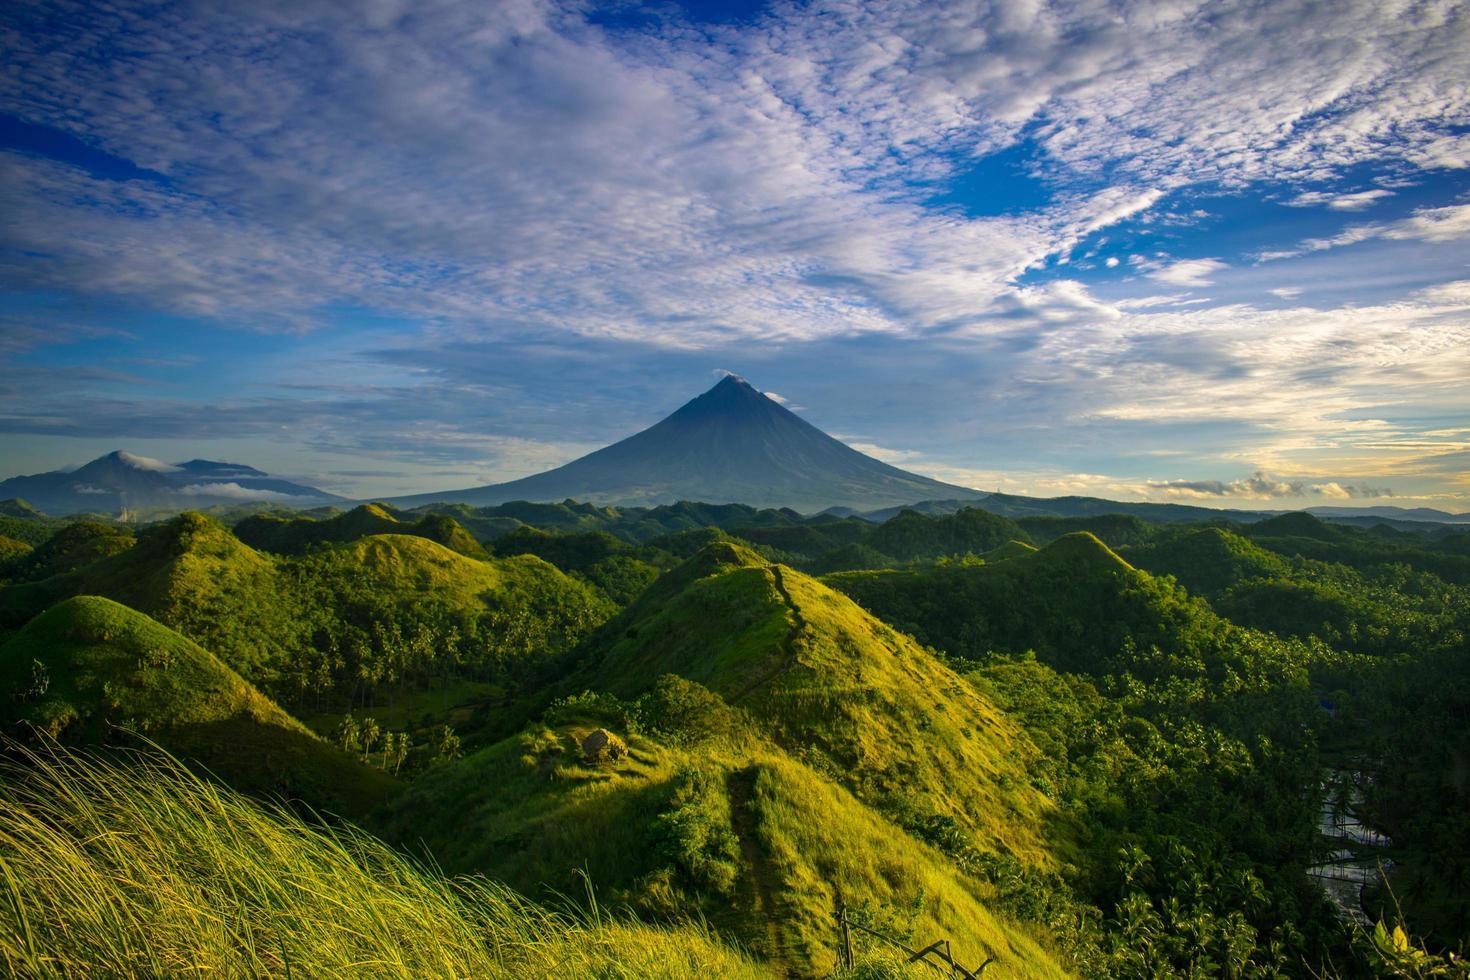 vista panoramica sulle colline coperte di erba e montagna foto